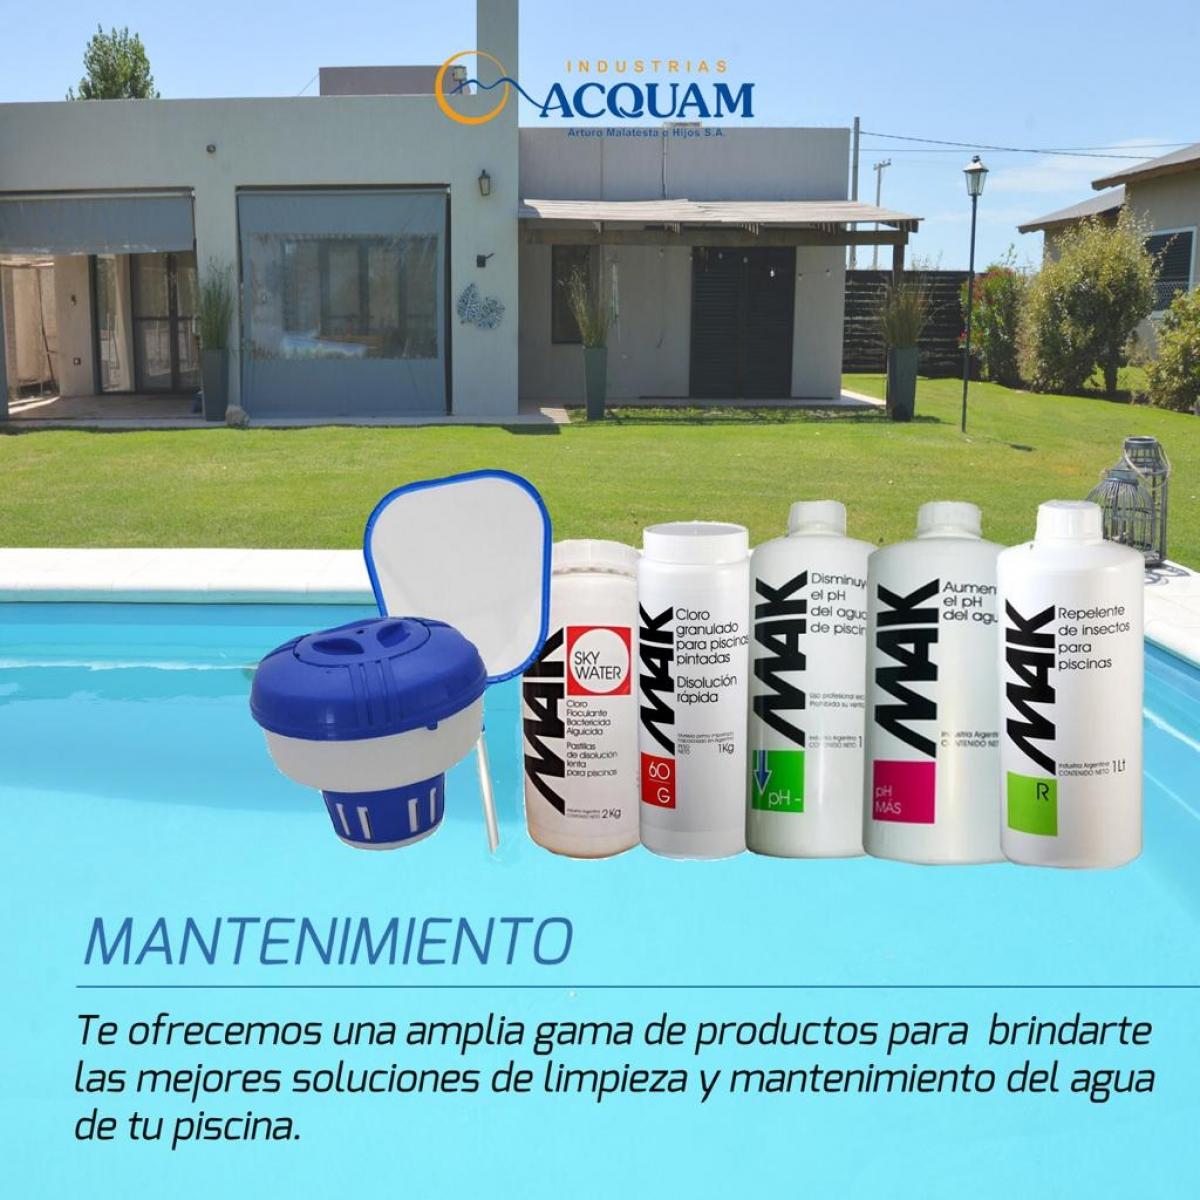 Mantener el agua de tu piscina fuera de temporada es super fácil. Consultanos!